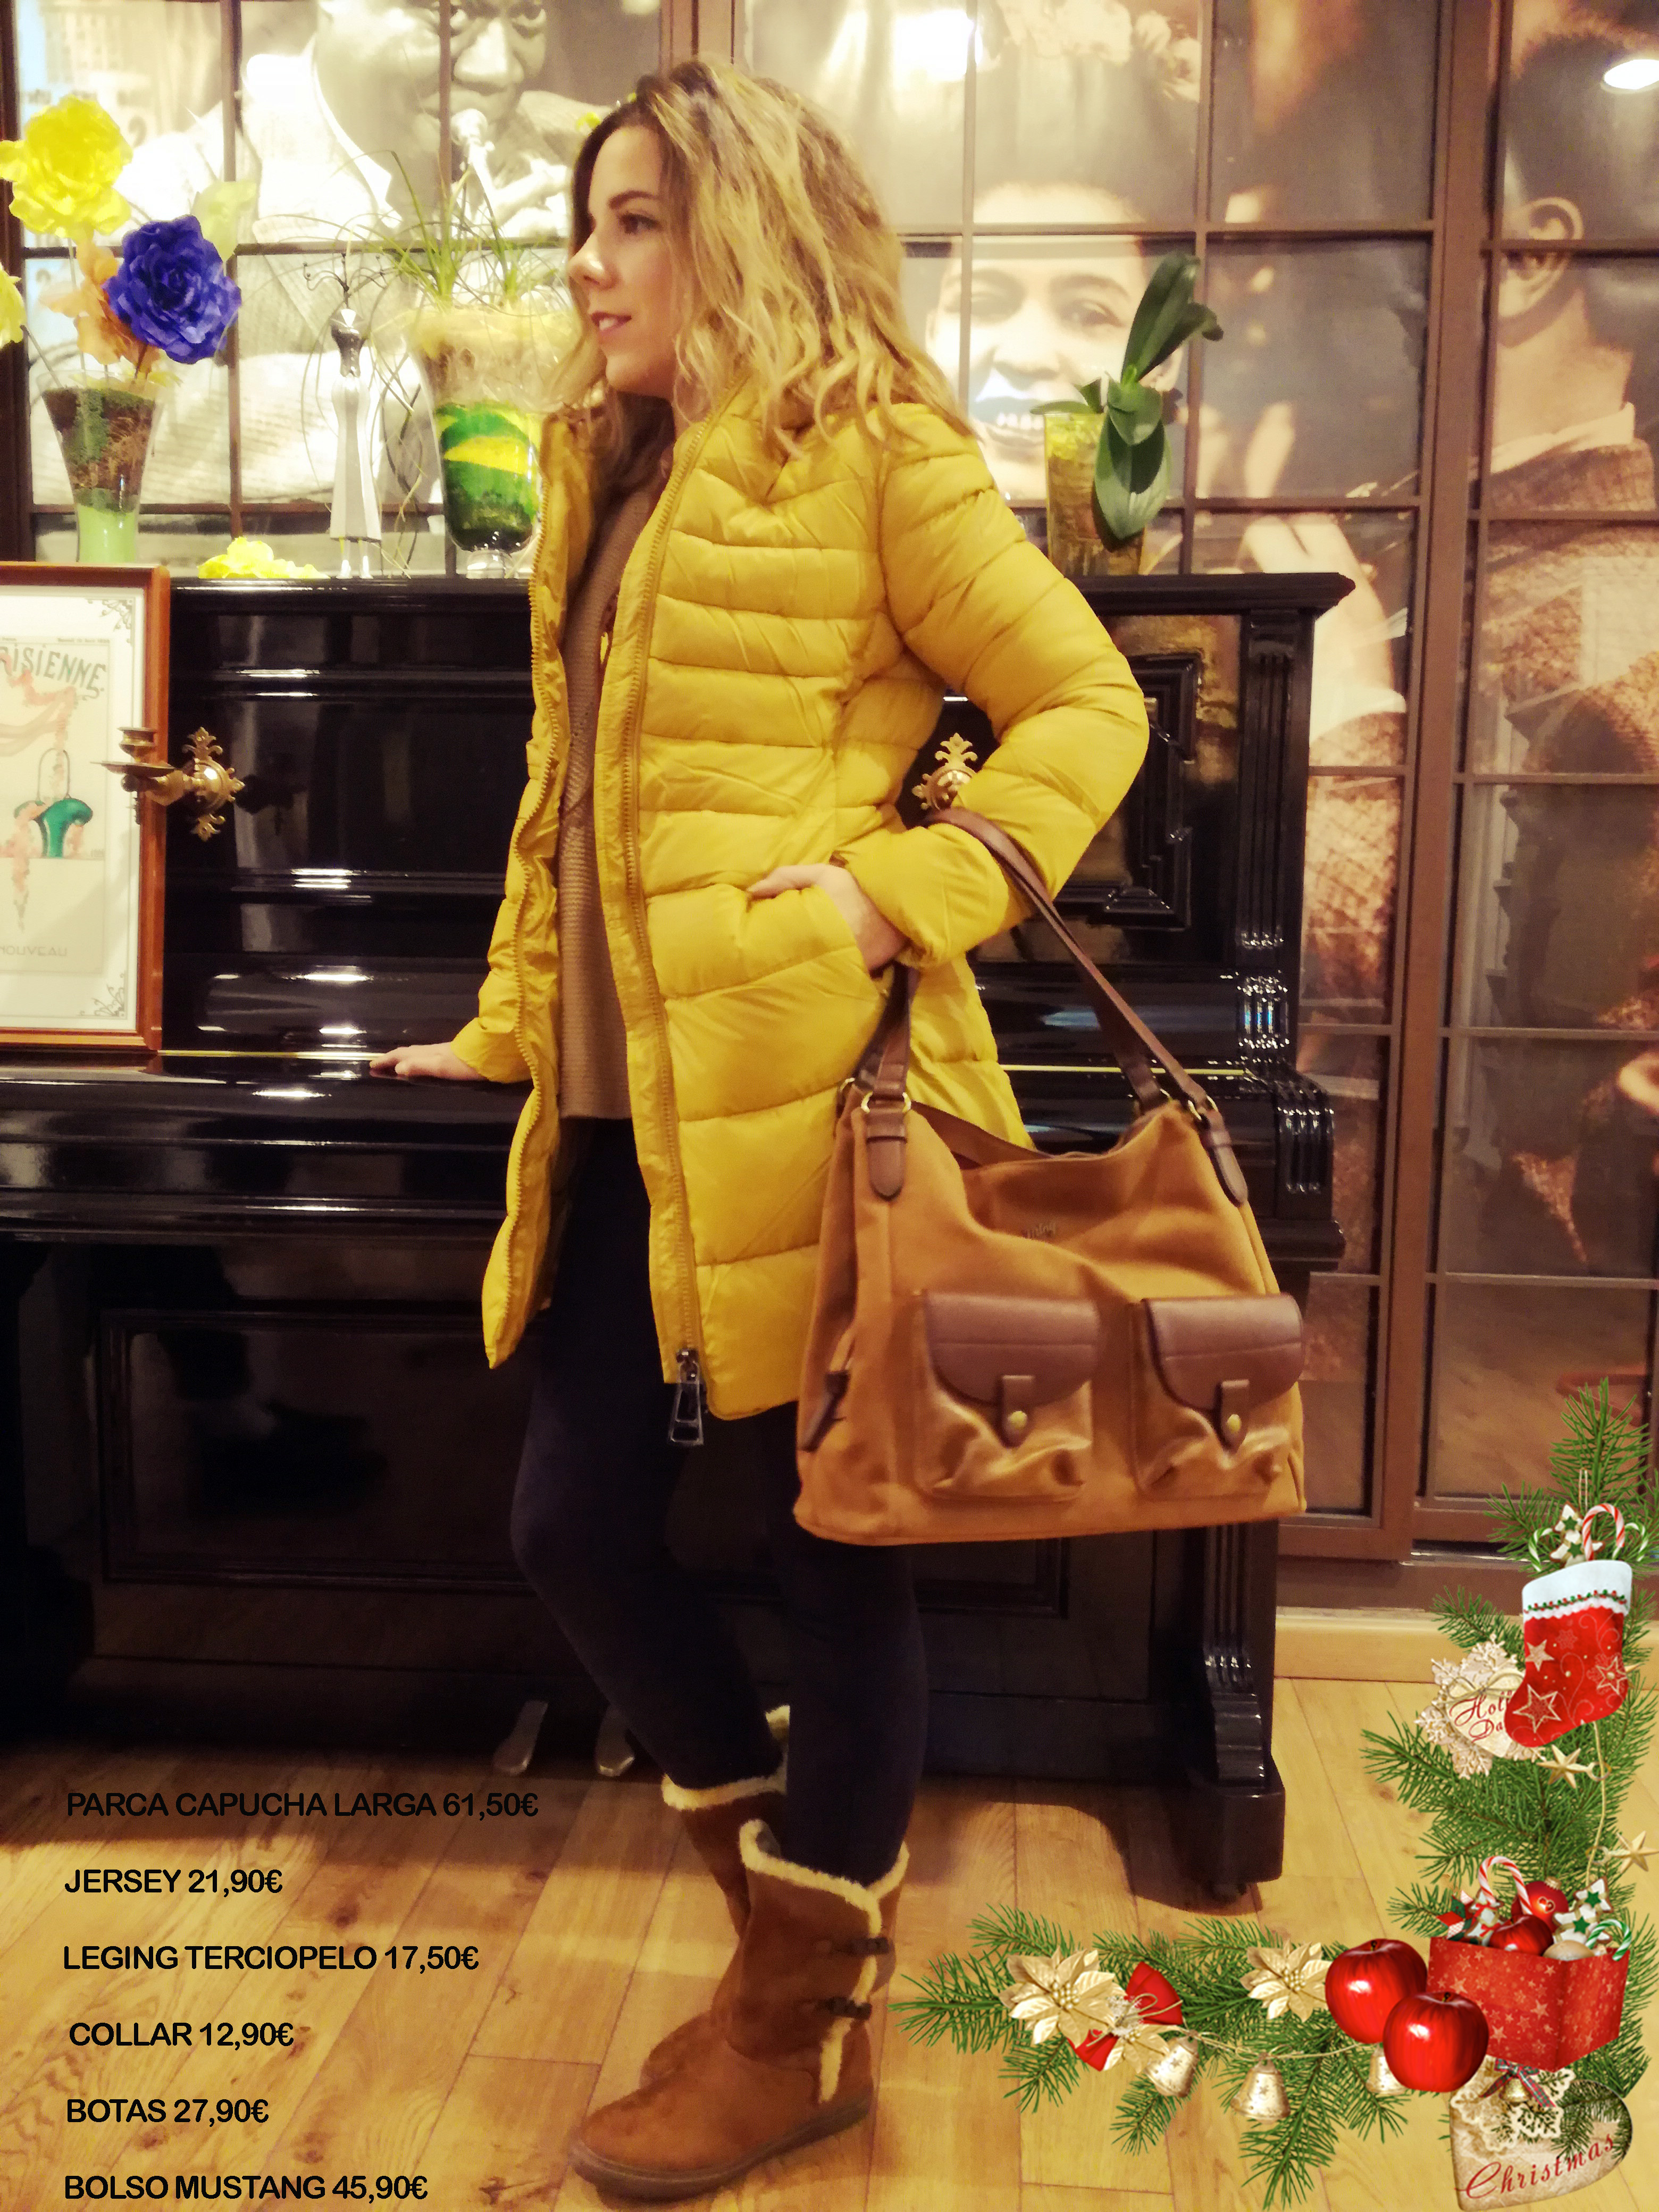 Nuestra propuesta para hoy, un look con el que no pasarás desapercibida!! Una chaqueta que sienta genial, con uno de los colores clave de este invierno! Cómoda y actual esperamos que os guste! Ven a vernos y disfruta comprando!!